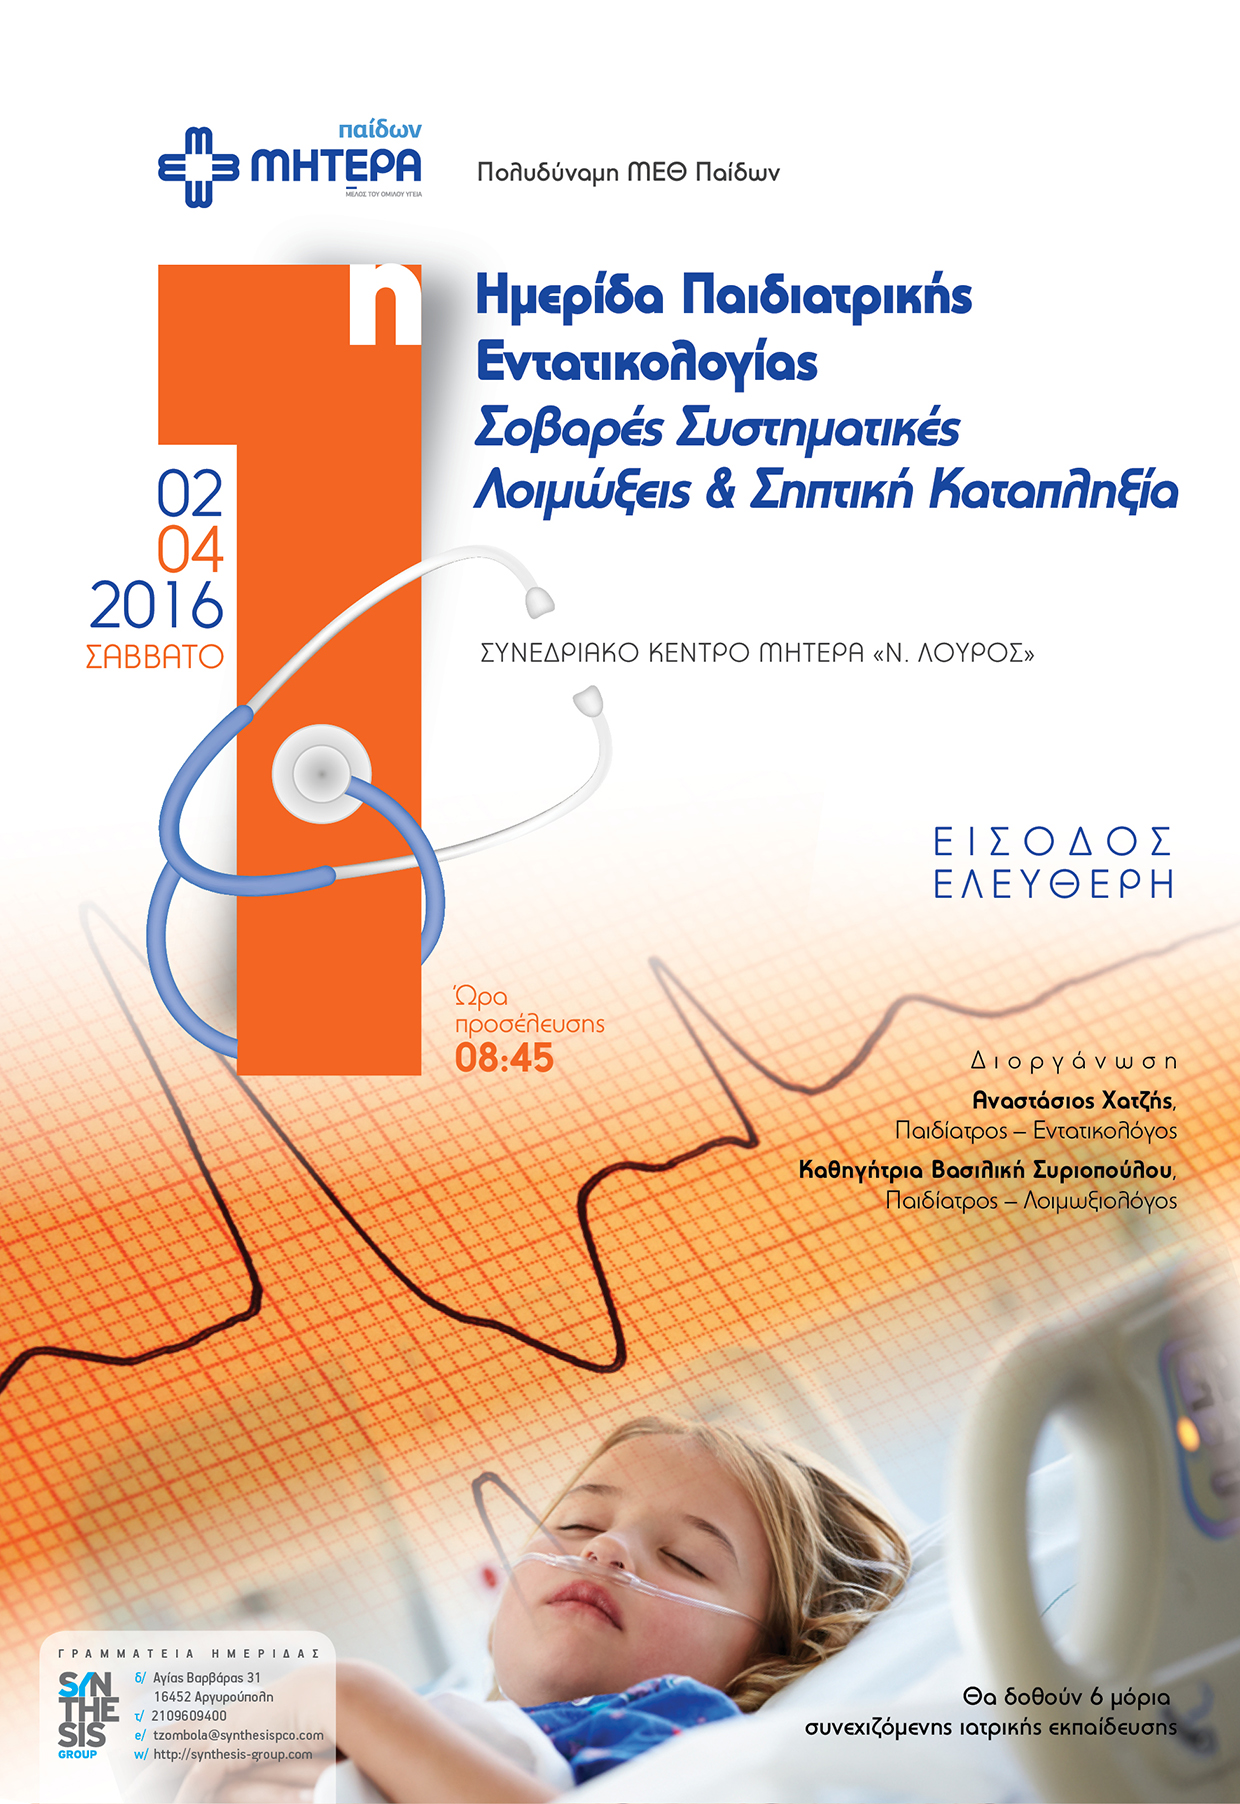 1η Ημερίδα Παιδιατρικής Εντατικολογίας με τίτλο Σοβαρές Συστηματικές Λοιμώξεις & Σηπτική Καταπληξία